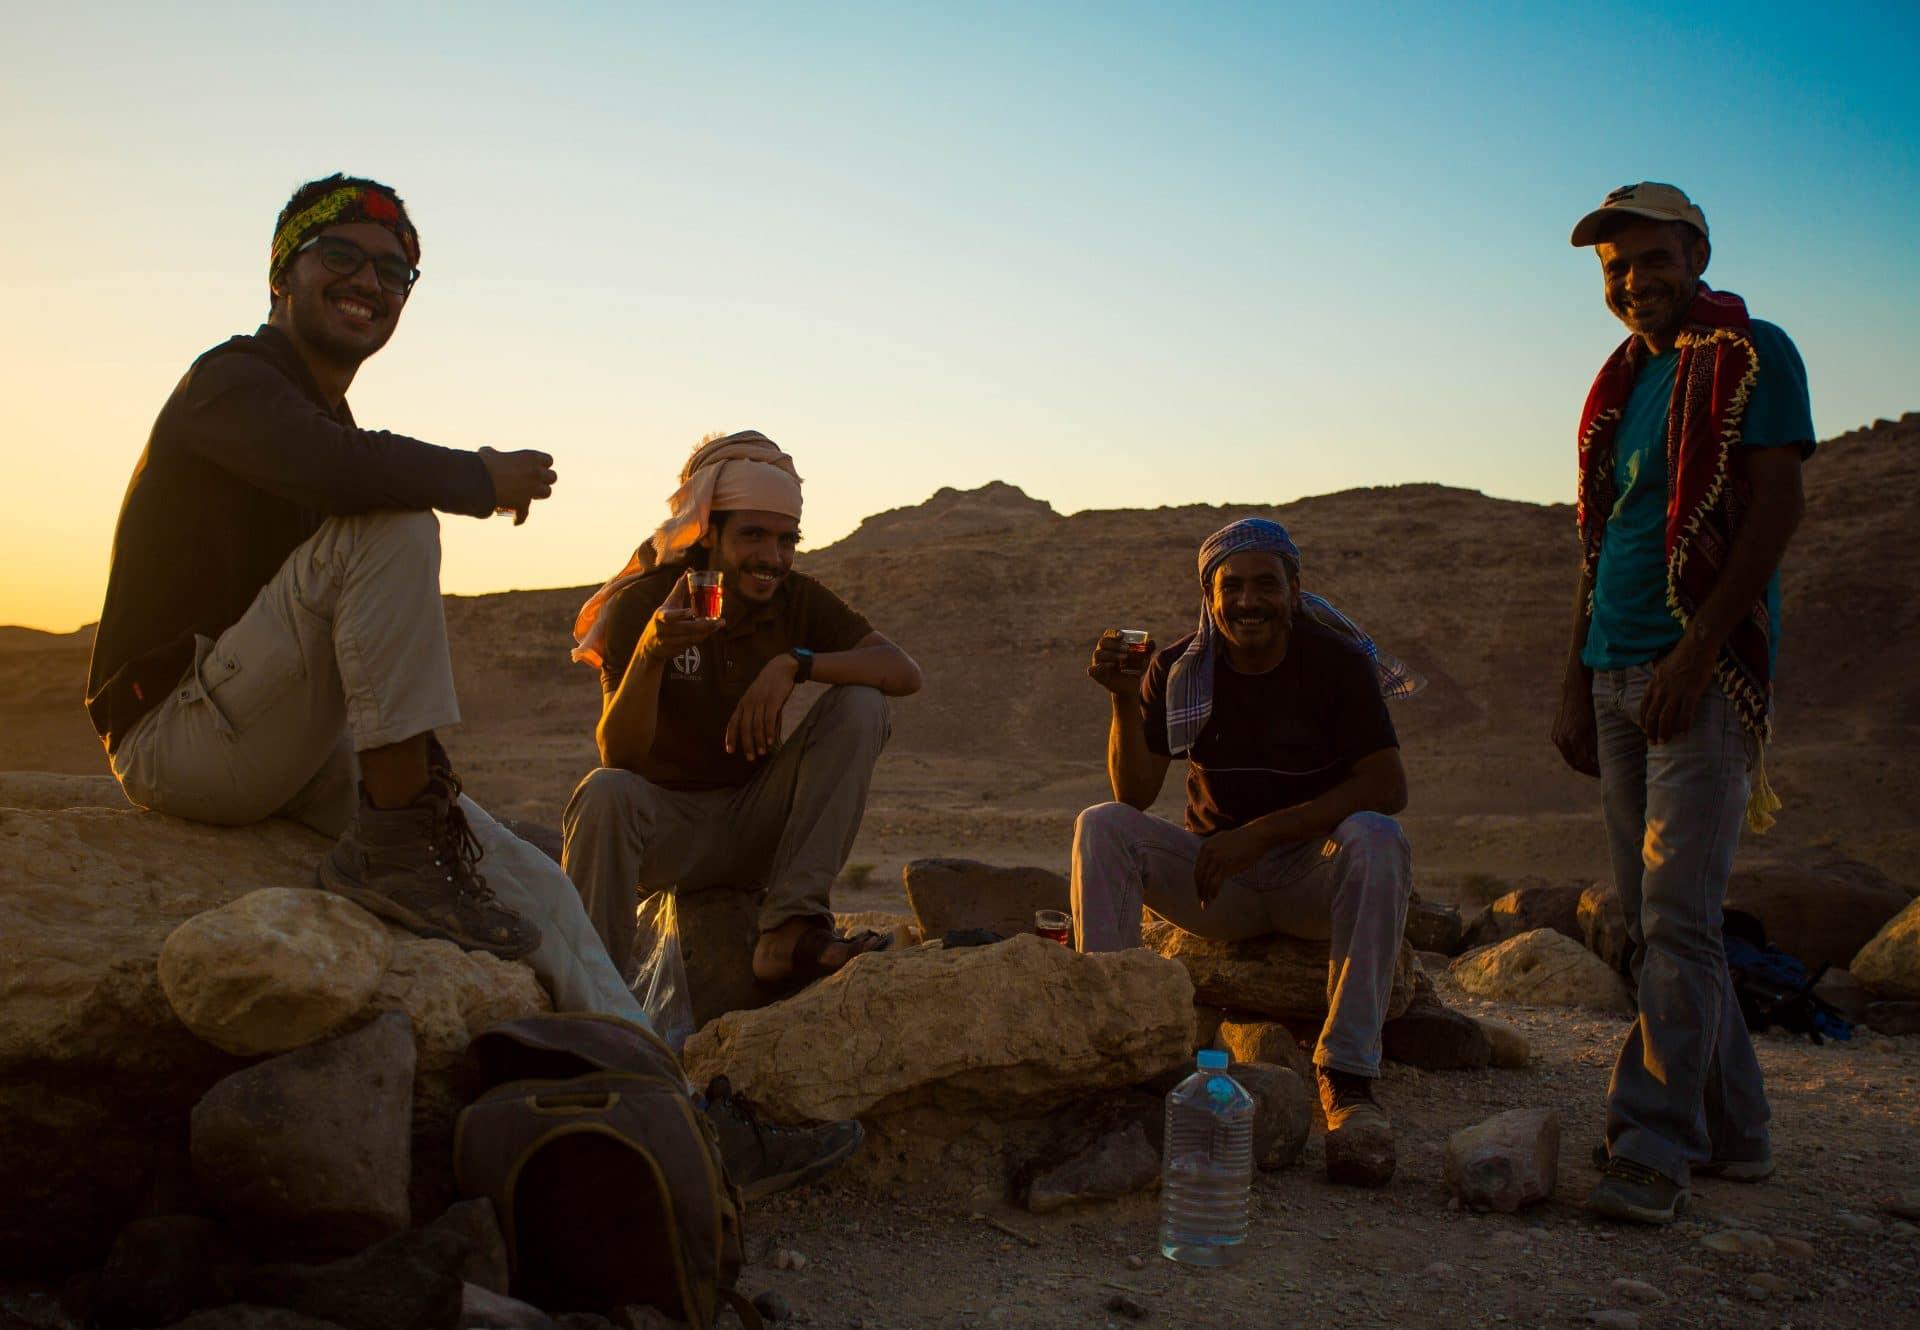 Bedouin encounters in Jordan